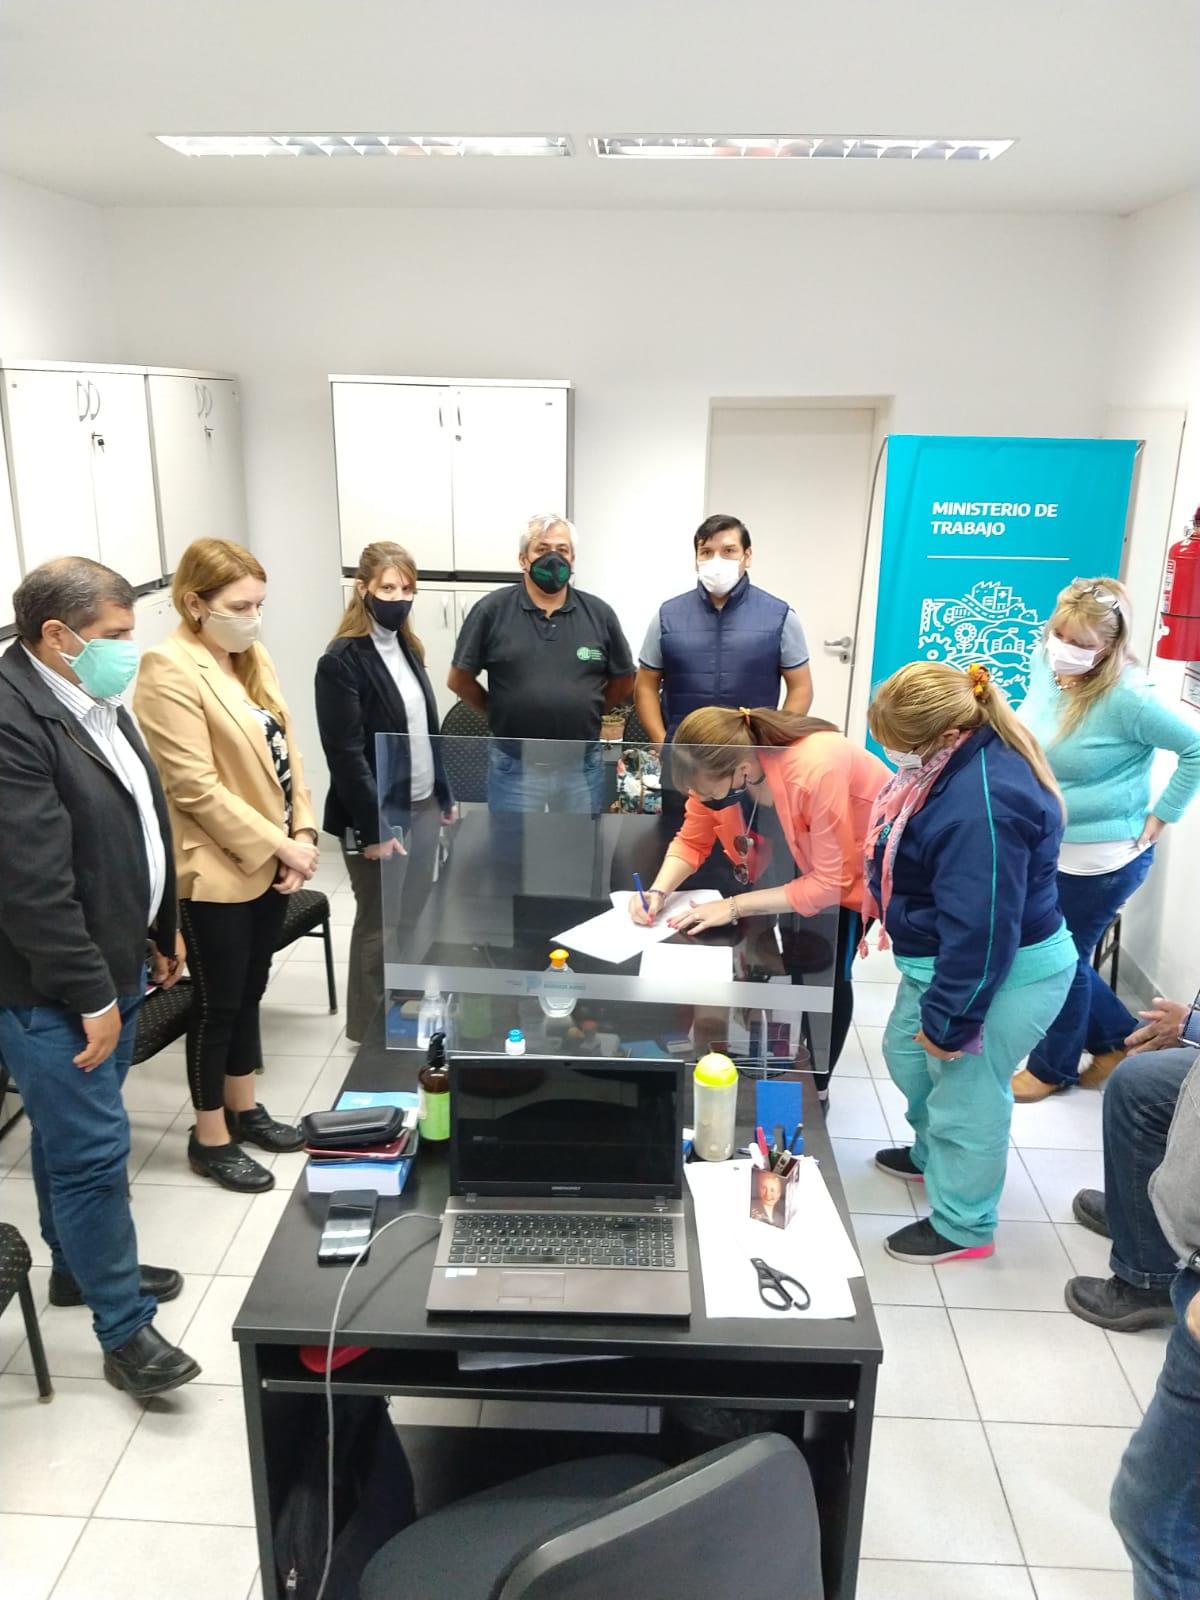 El Municipio acordó mejoras para el personal de salud